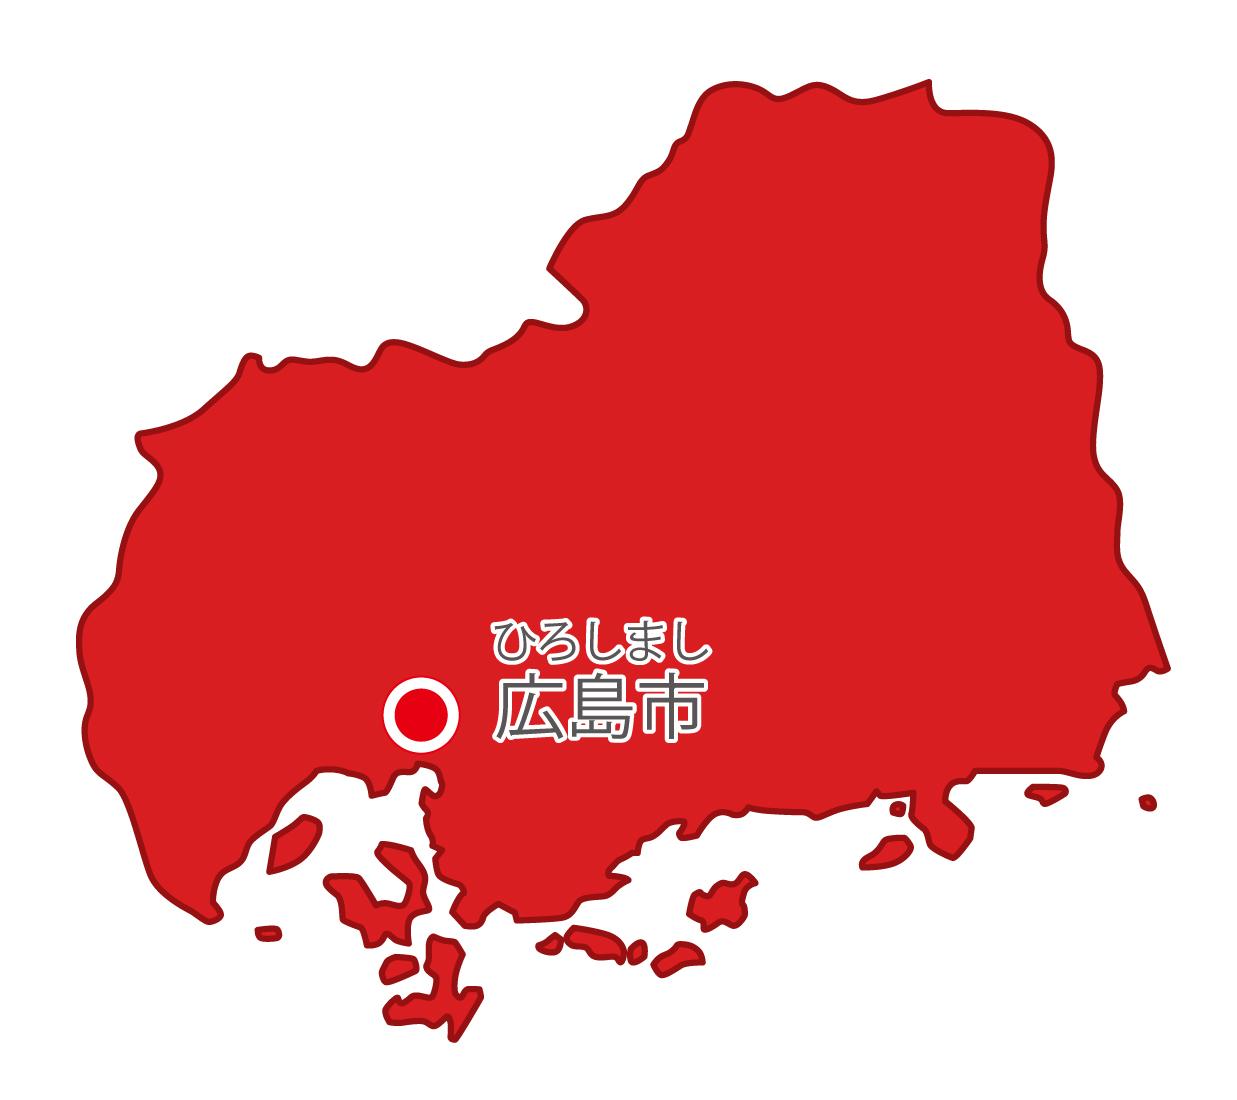 広島県無料フリーイラスト|日本語・県庁所在地あり・ルビあり(赤)